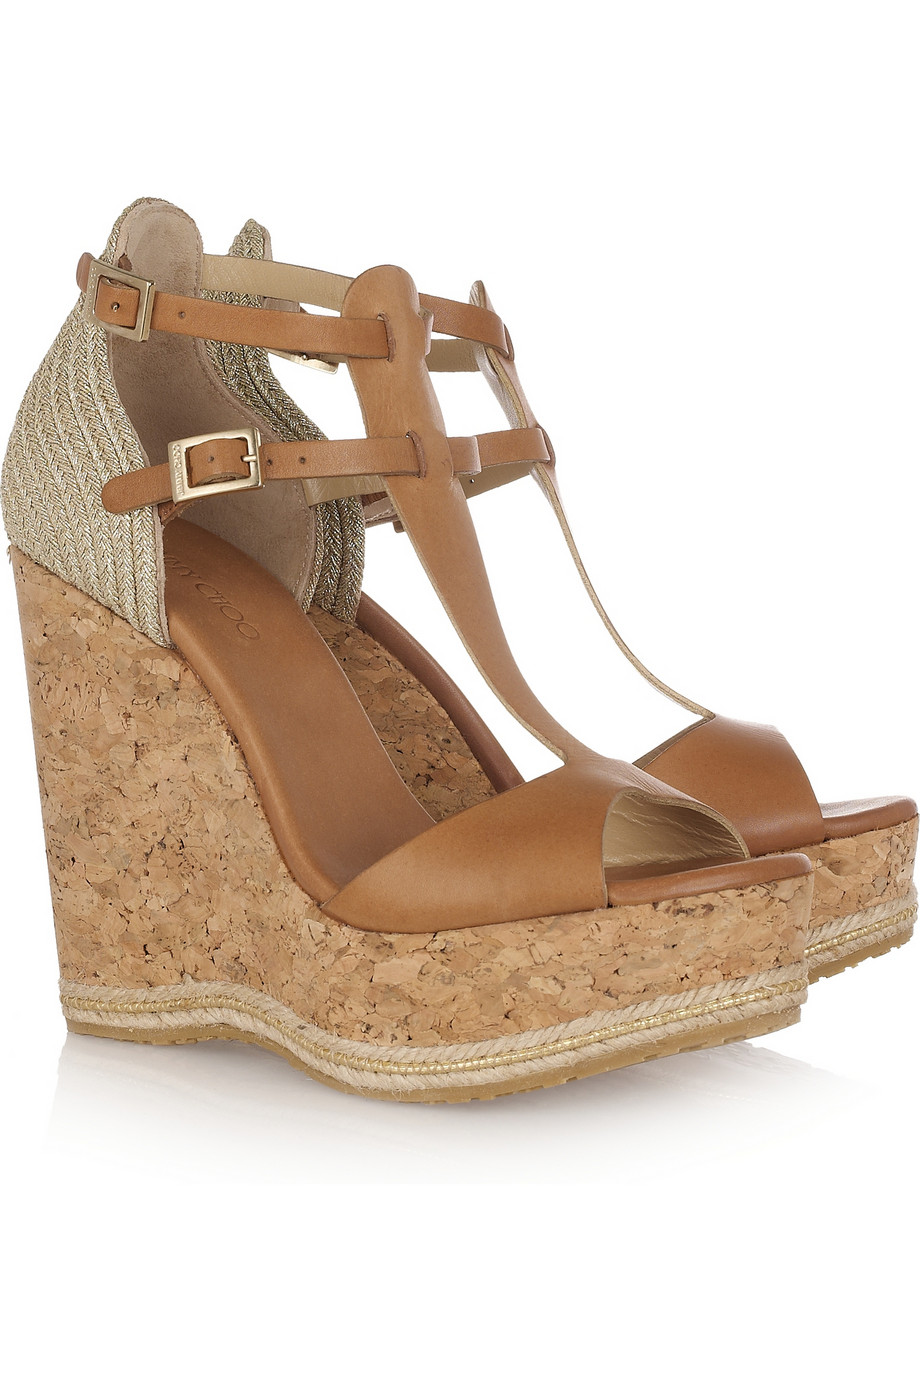 Raffia Wedge Sandals in Light Brown